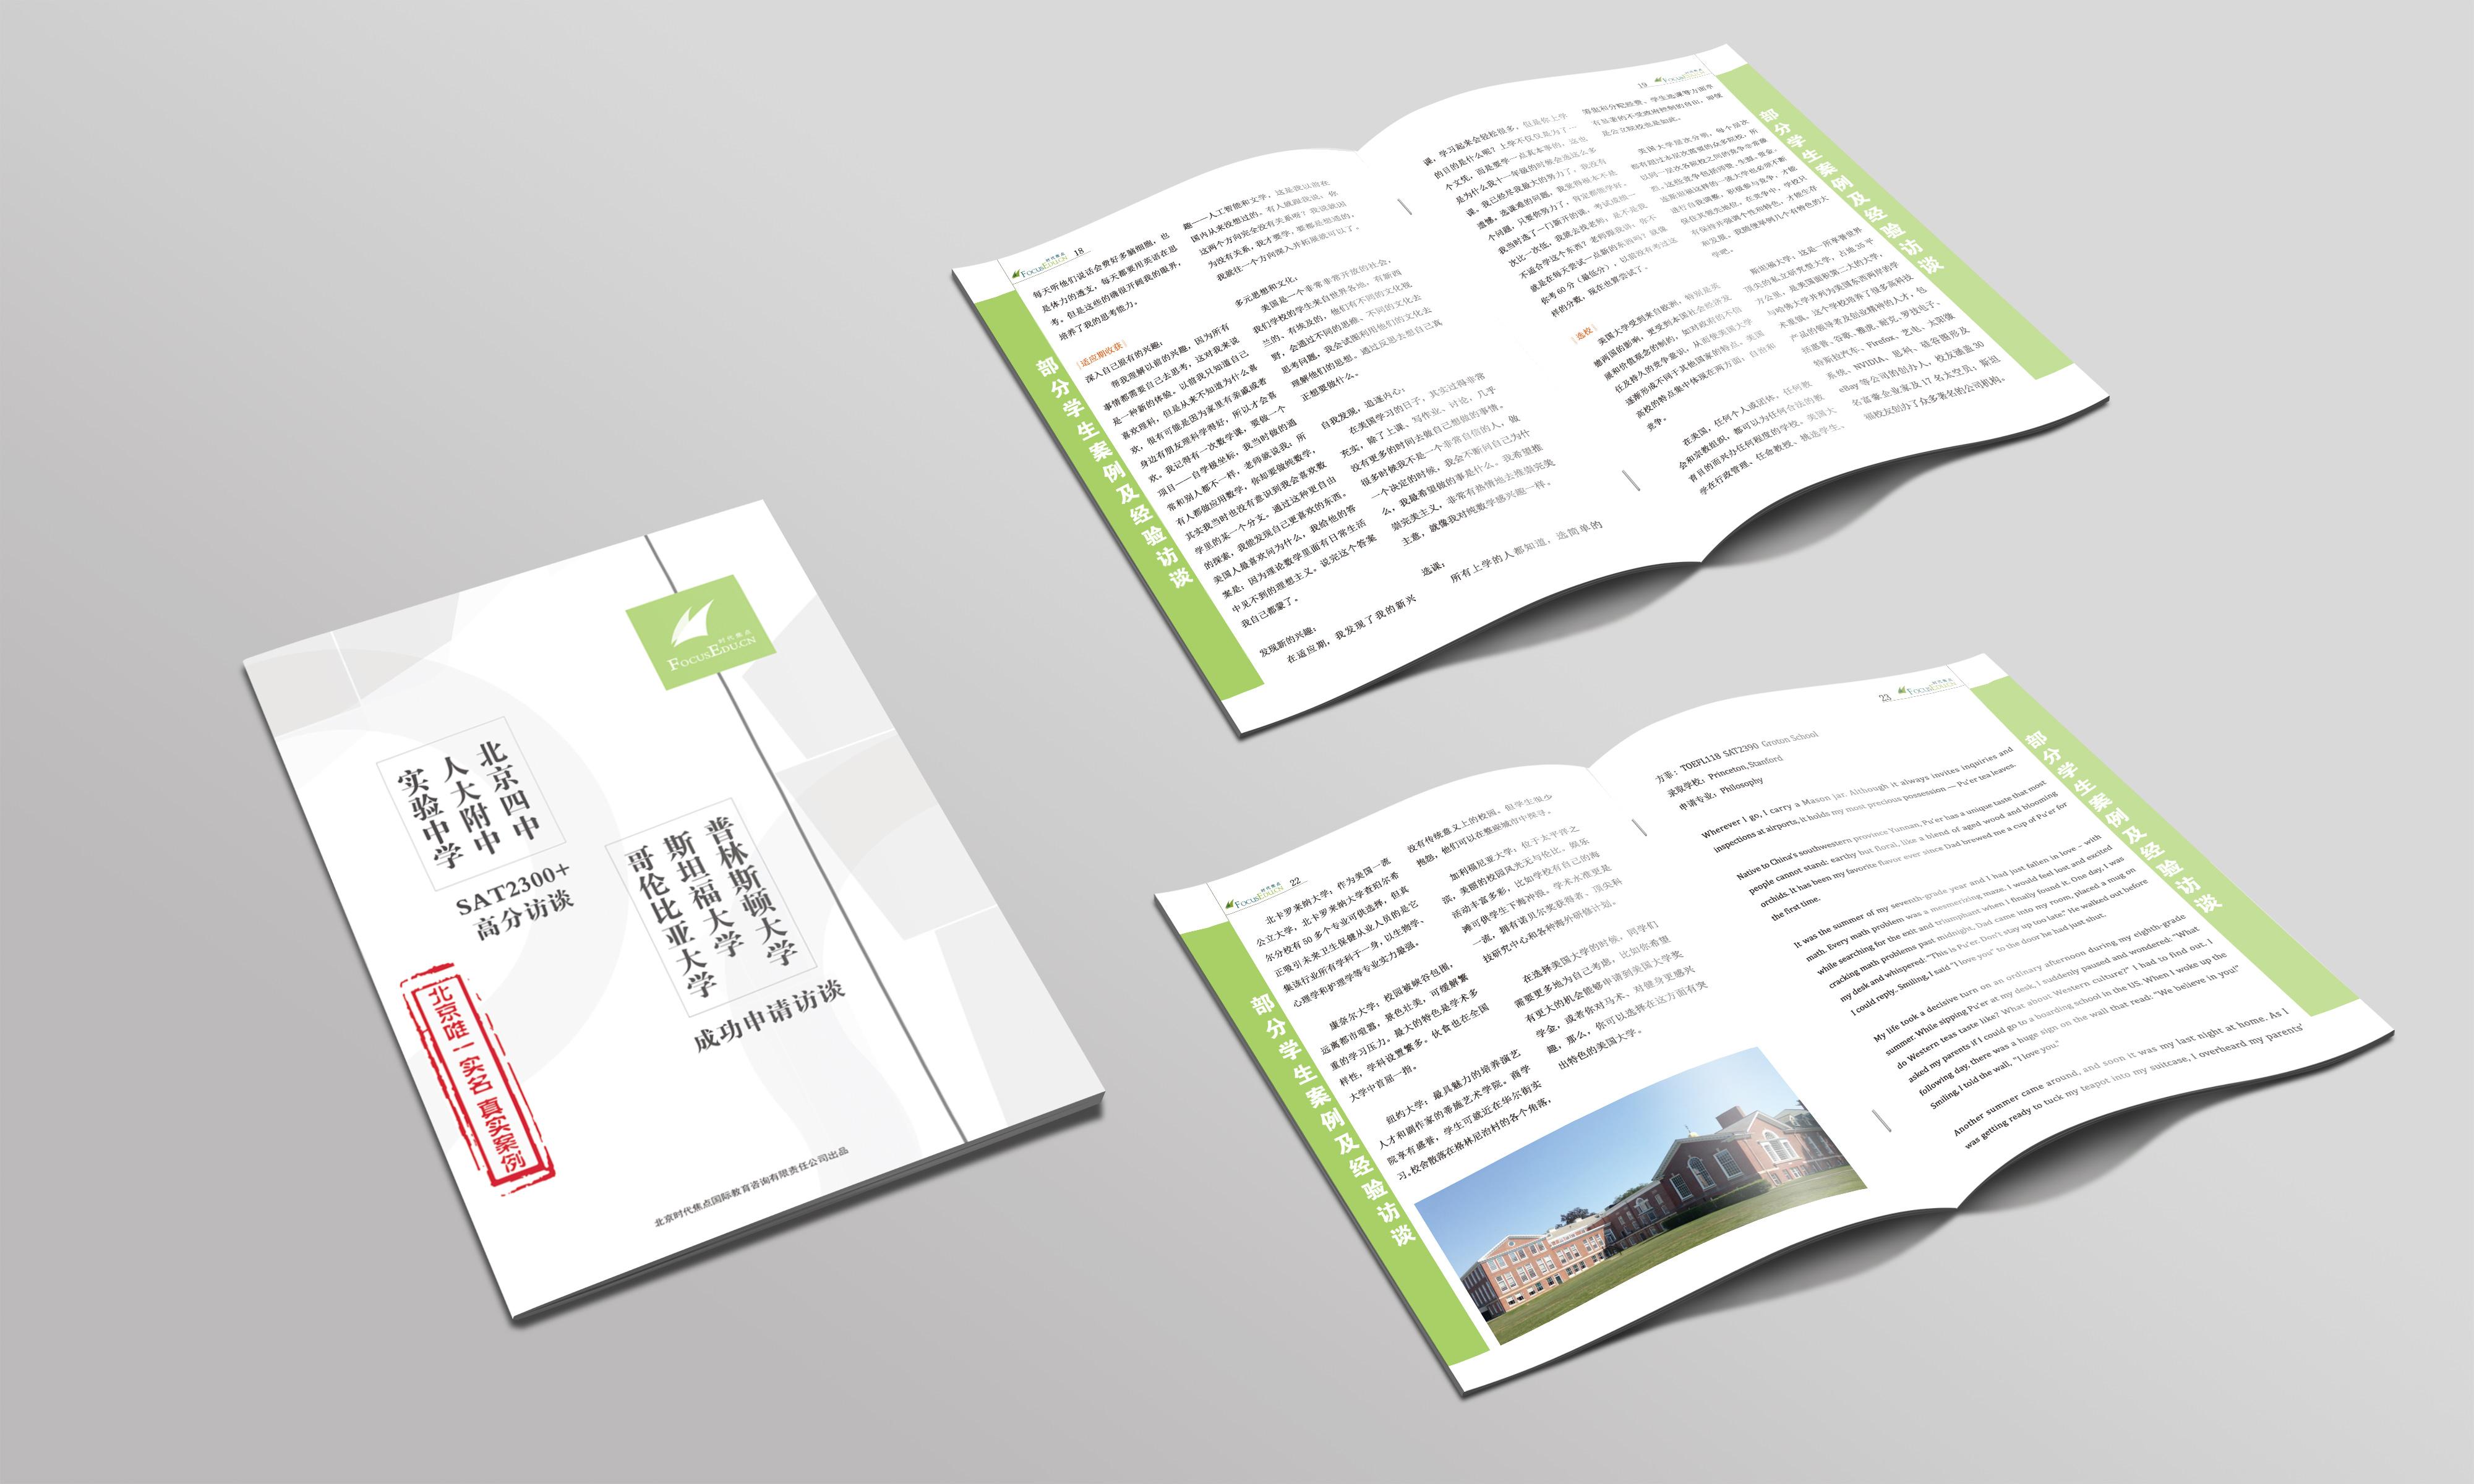 公司书籍,画册设计 — 本科申请高分案例秘籍图片